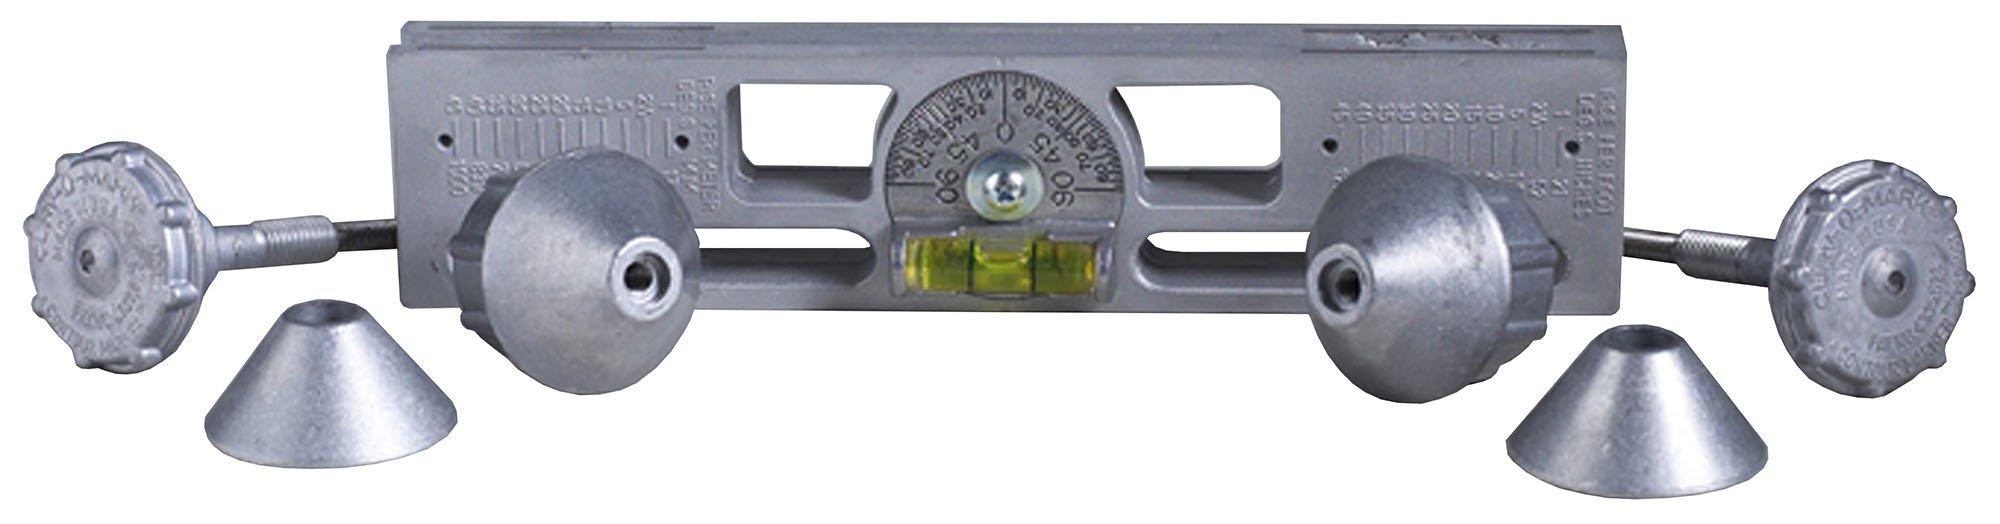 Jackson Safety 14796 Curv-O-Mark #33 Universal Level